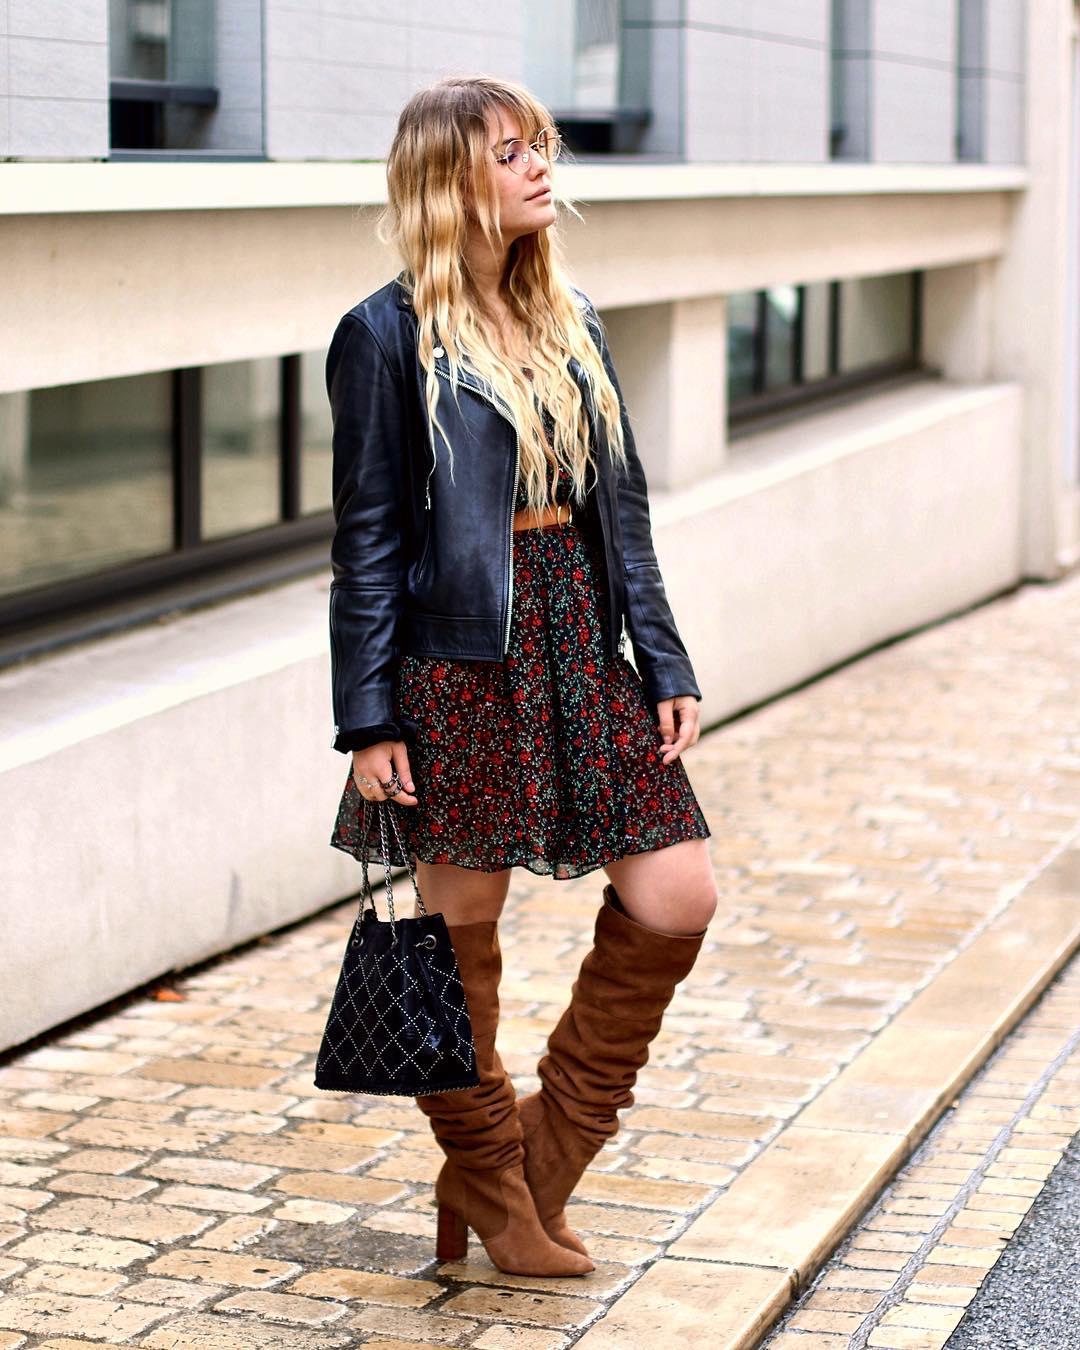 La blogueuse Liaofficiel porte notre robe sensible dans un look rock